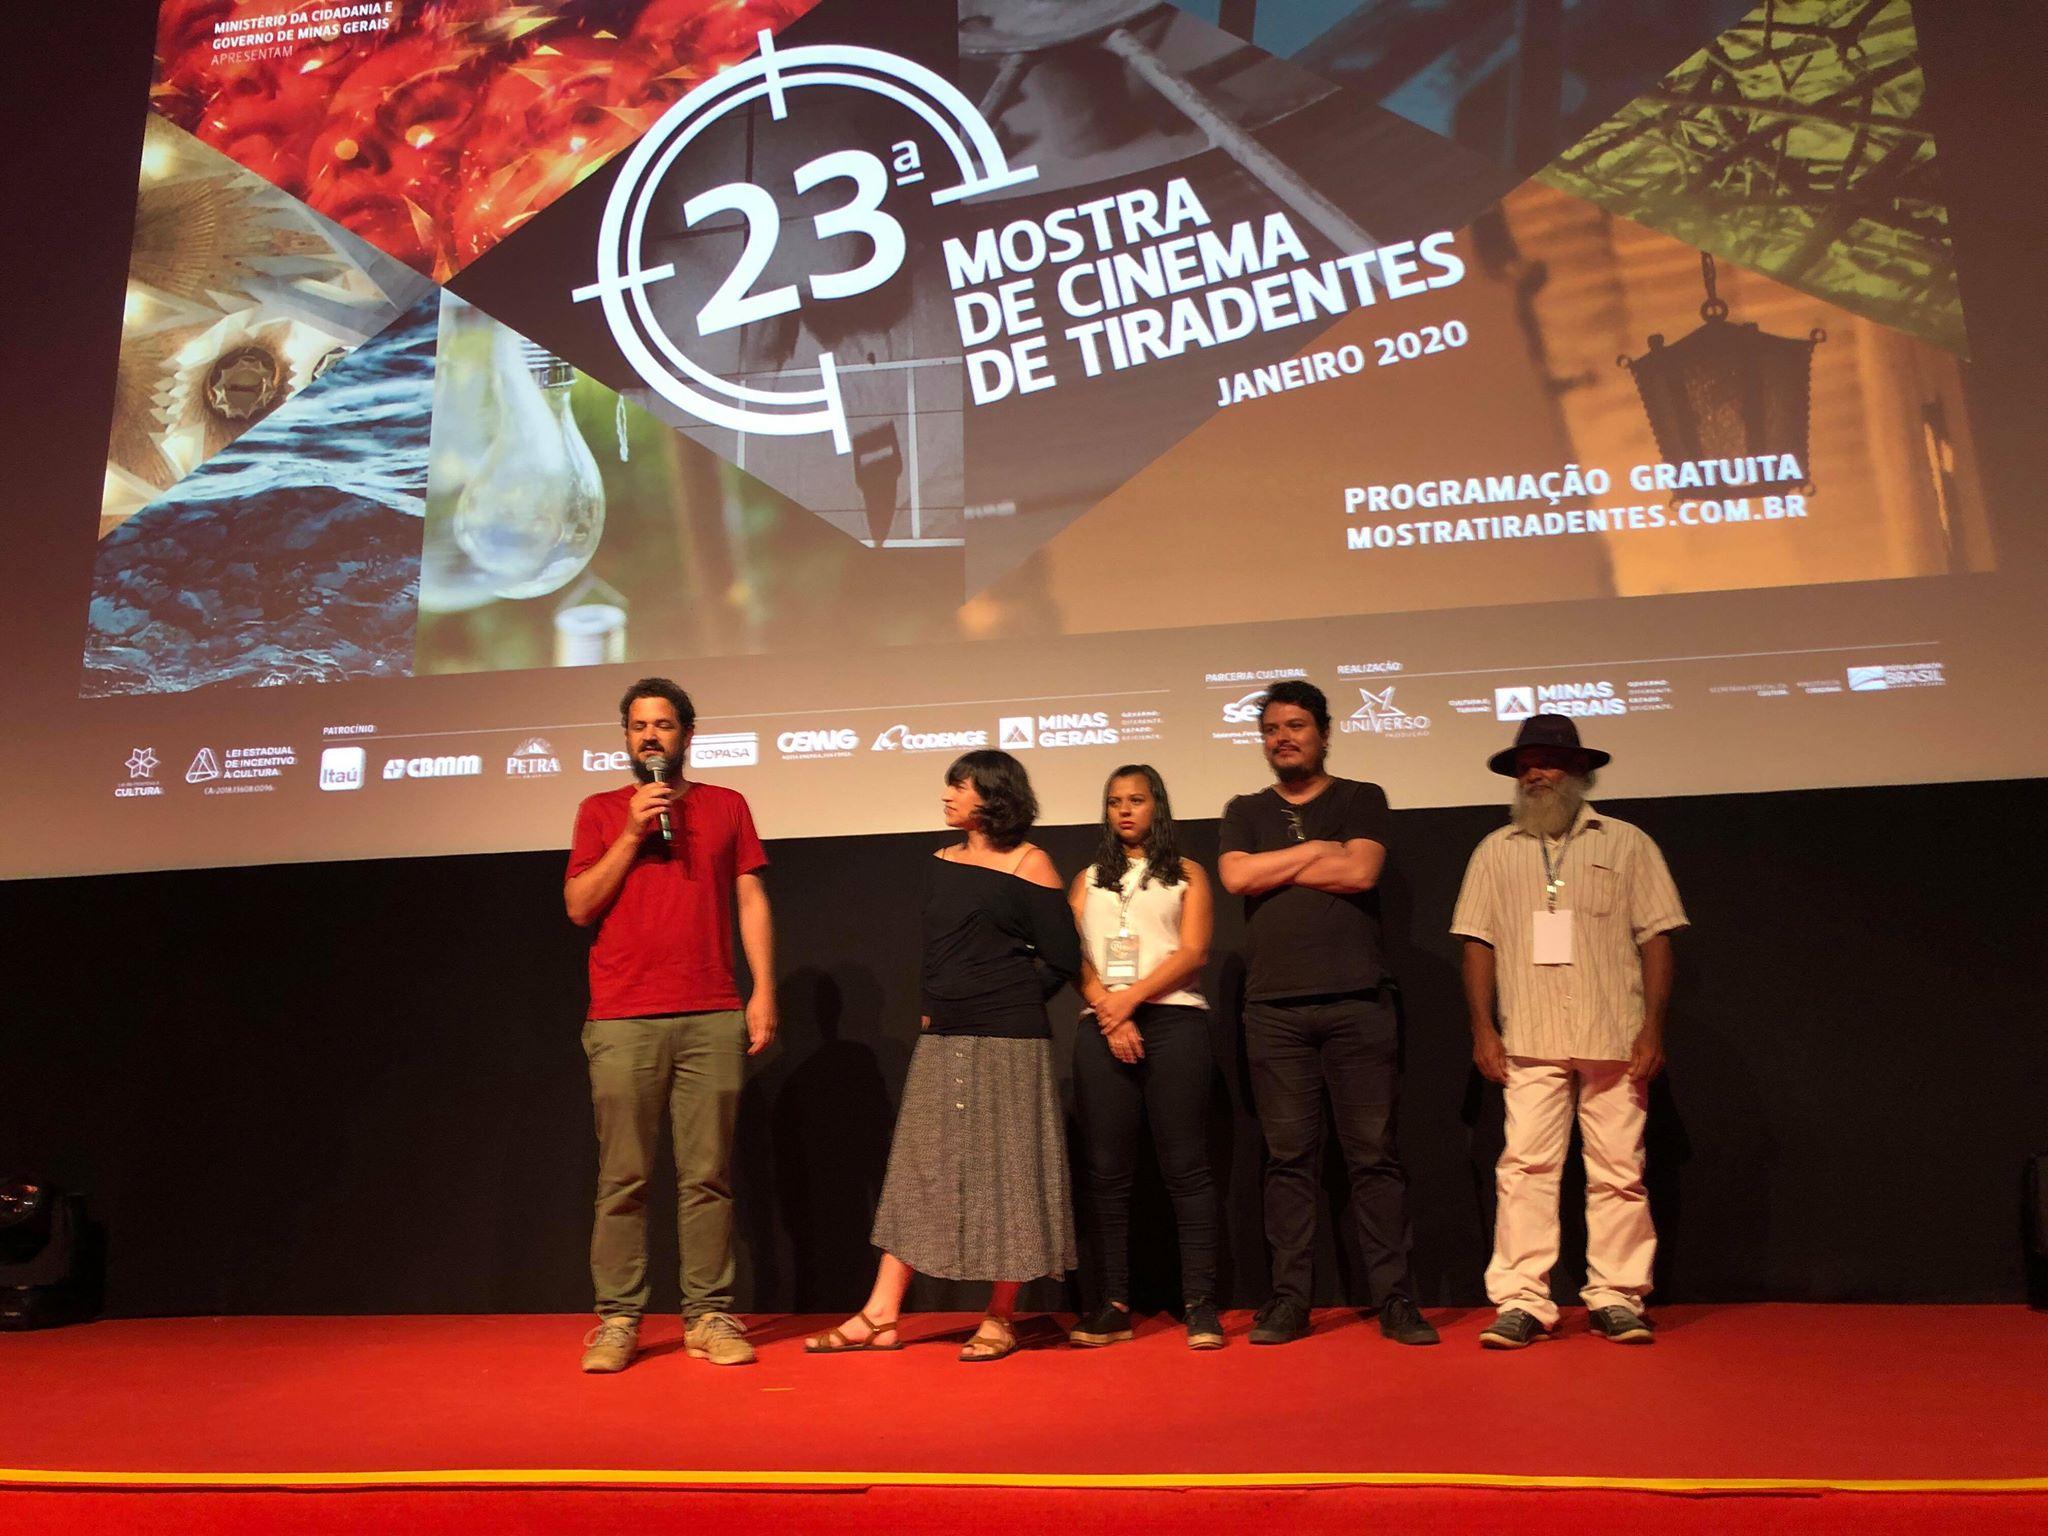 MOSTRA DE CINEMA DE TIRADENTES 2020 (02): LA BARBA Y LA NUBE